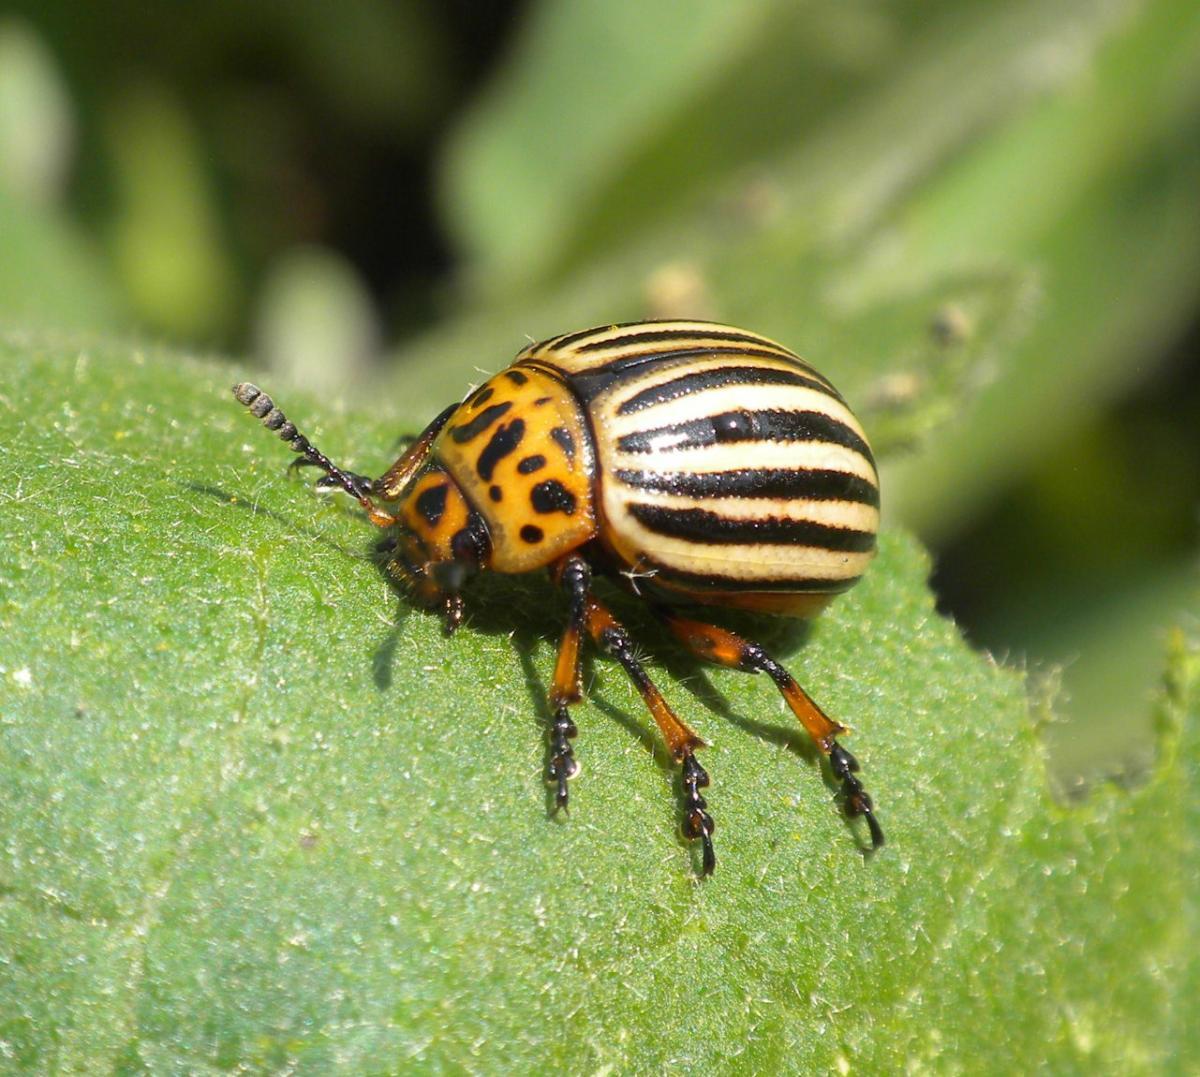 Descubren insecticida que selecciona por su ADN a los insectos que mata